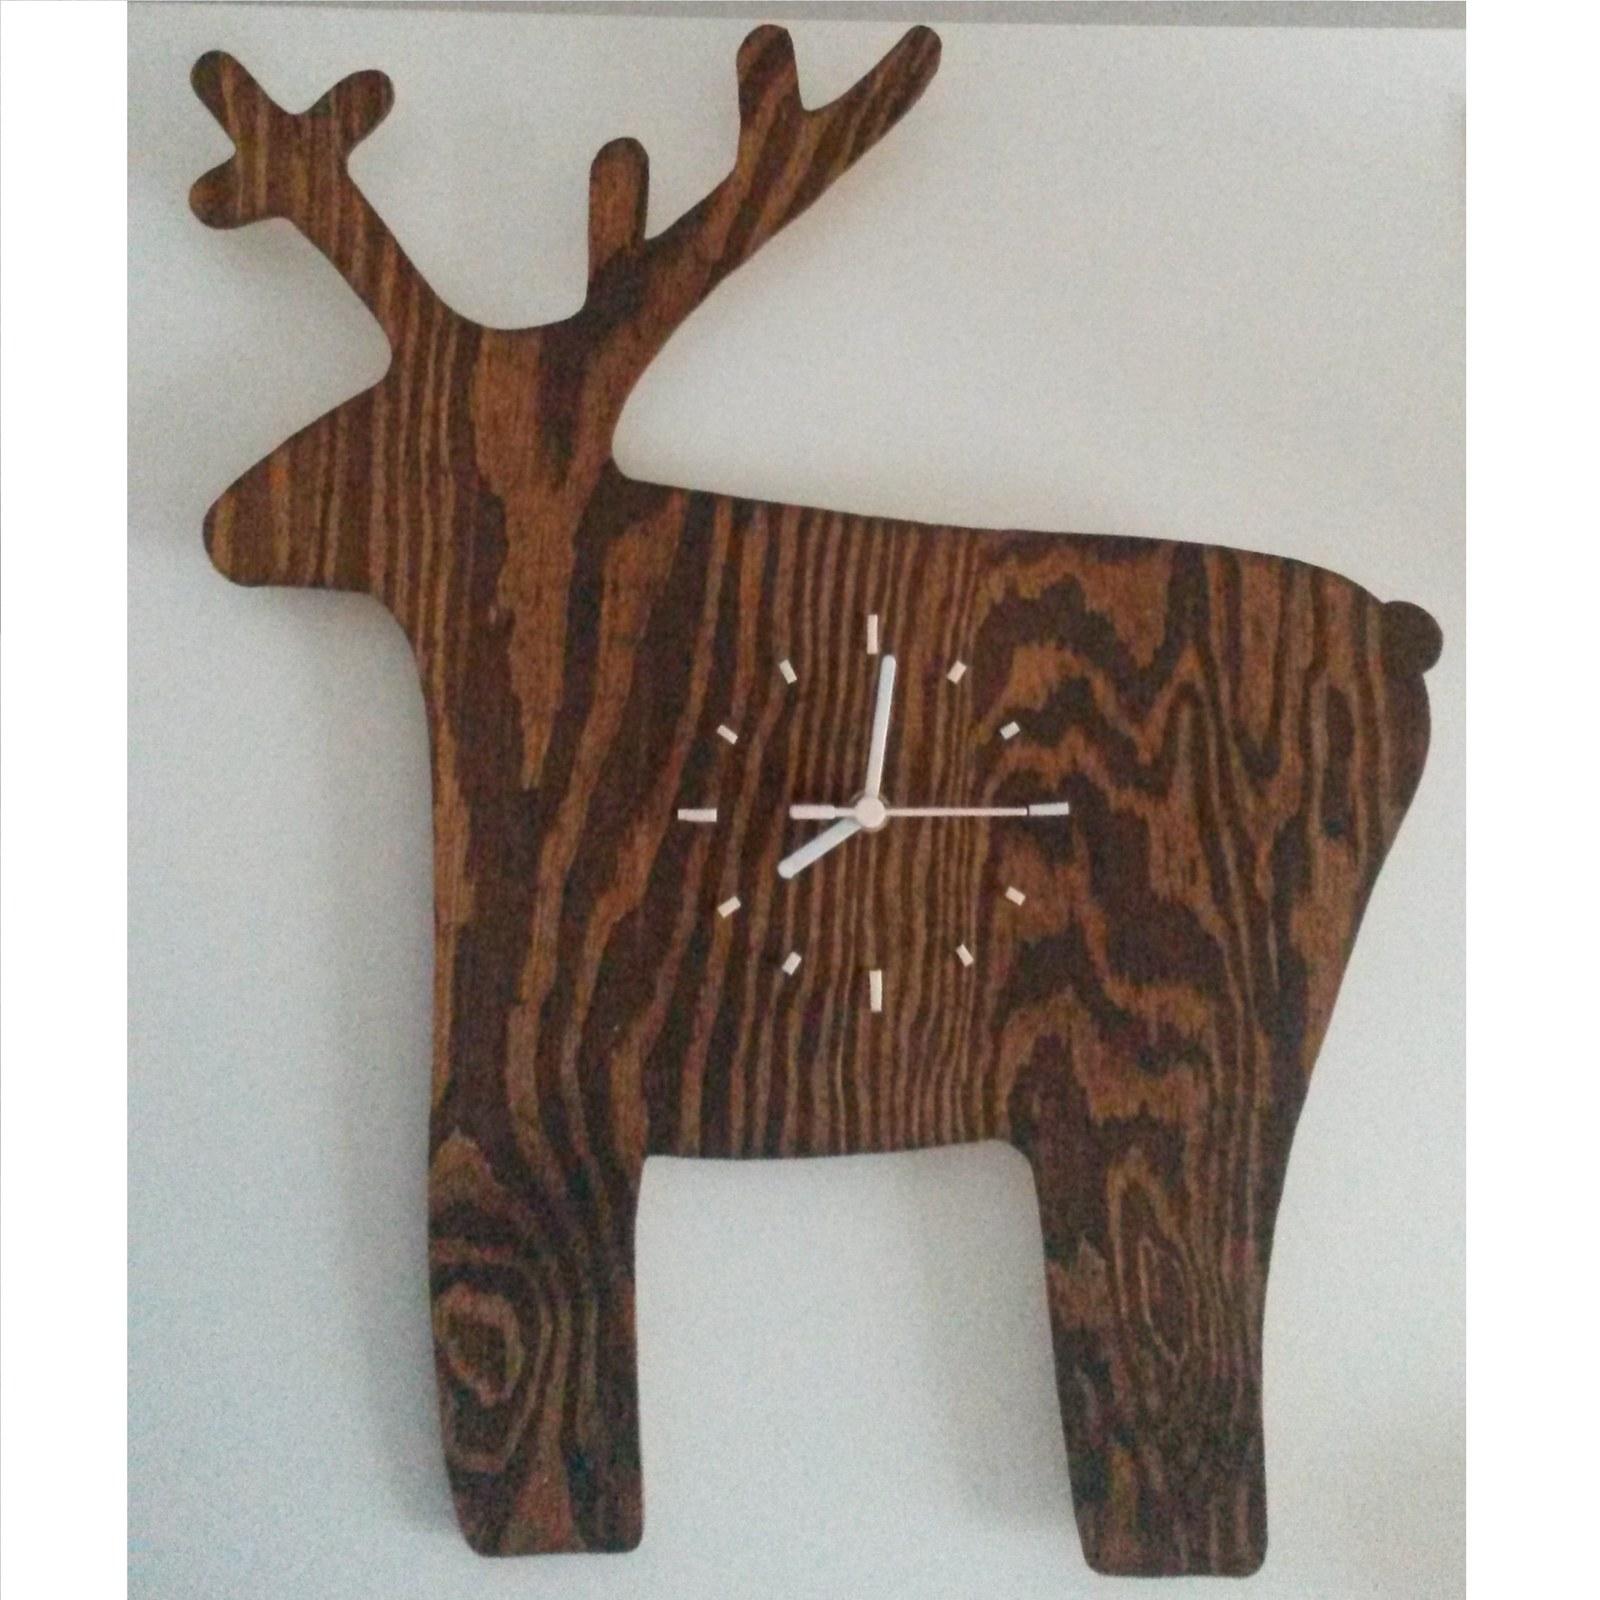 Jelen - dřevěné nástěnné hodiny   Zboží prodejce pajel  496bbbef6cd